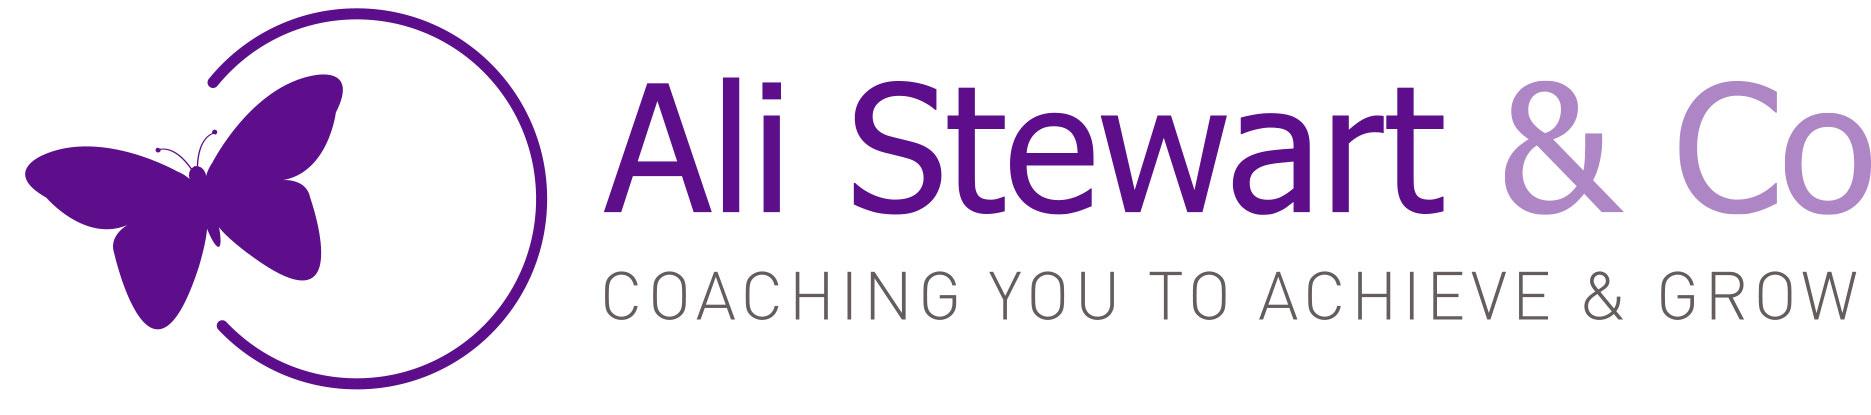 Ali Stewart & Co